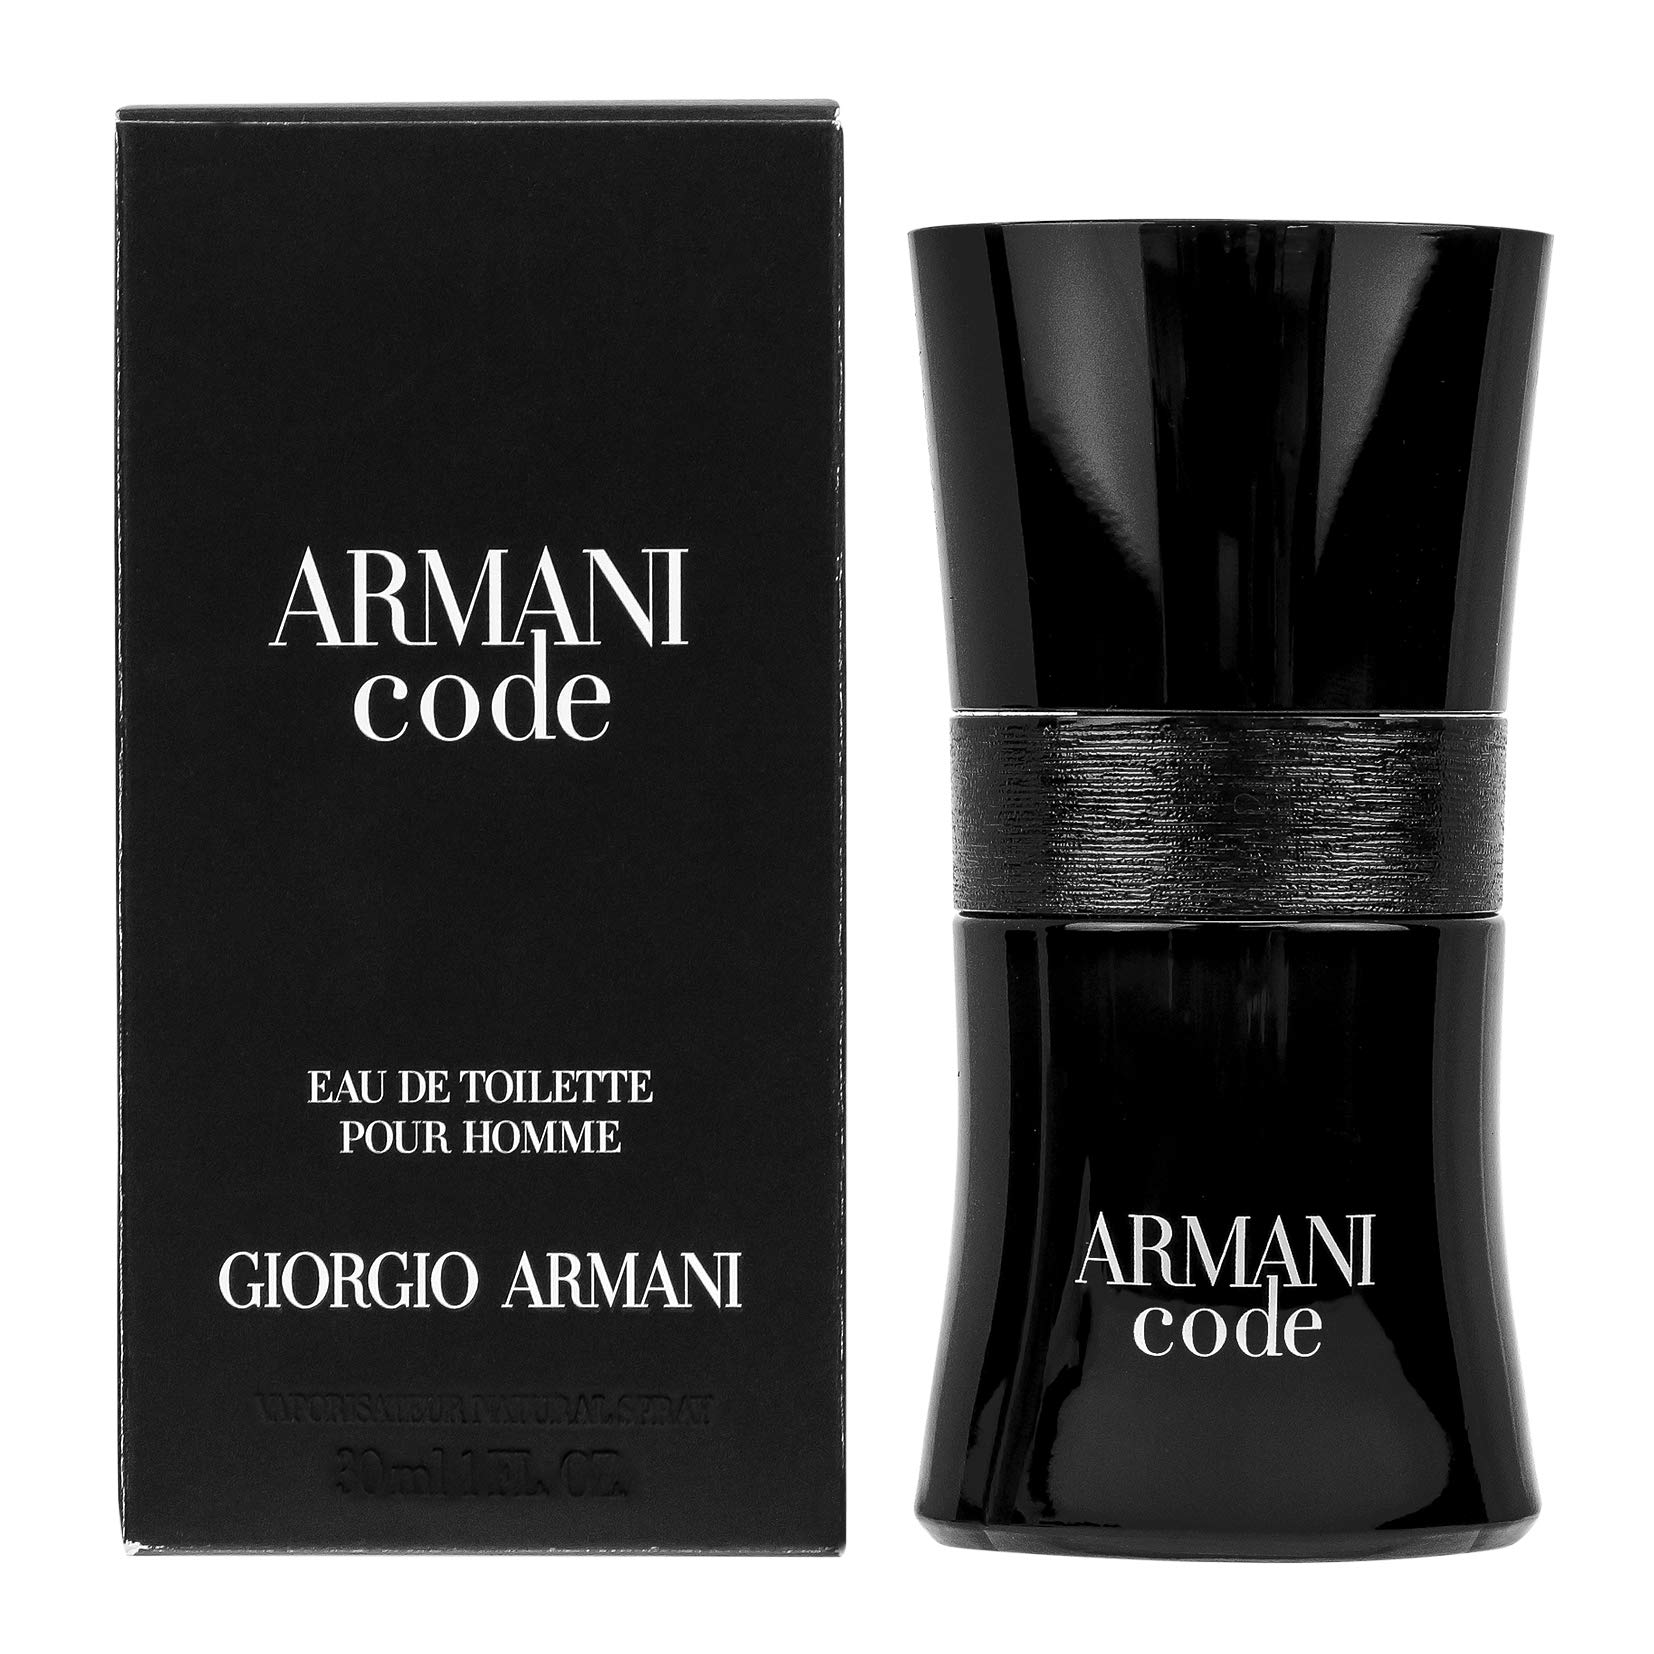 Armani Code by Giorgio Armani For Men. Eau De Toilette Spray 1-Ounce